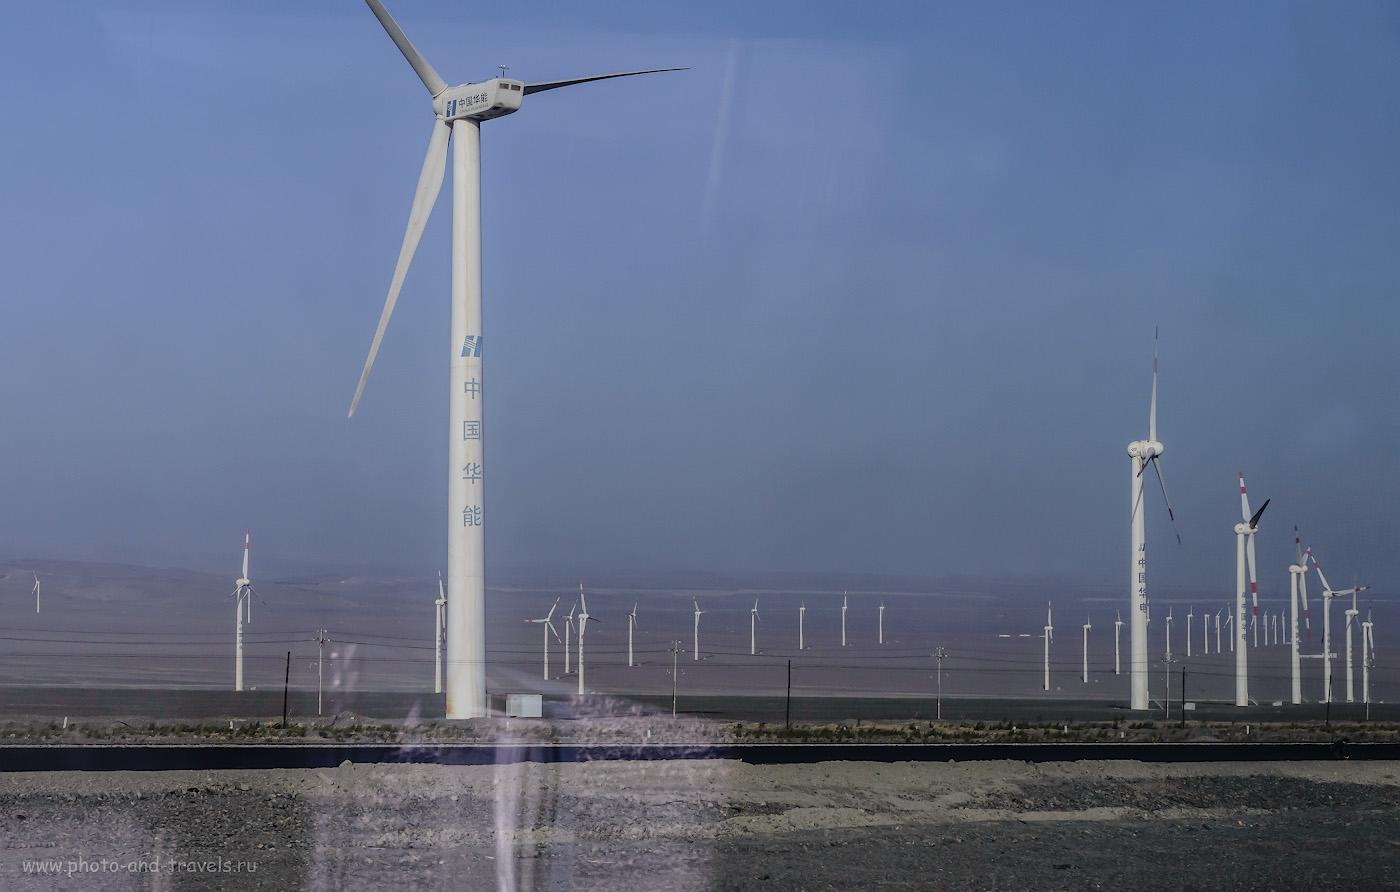 Фото 3. Ветряки крупнейшей в Азии ветряной электростанции Дабанчэнь. Ряды электрогенераторов тянутся на сотни километров пустыни вдоль трассы. Снято в движении через окно автобуса. Поездка из Урумчи в Турфан по время путешествия по Китаю. 1/800, 9.0, 200, 62.